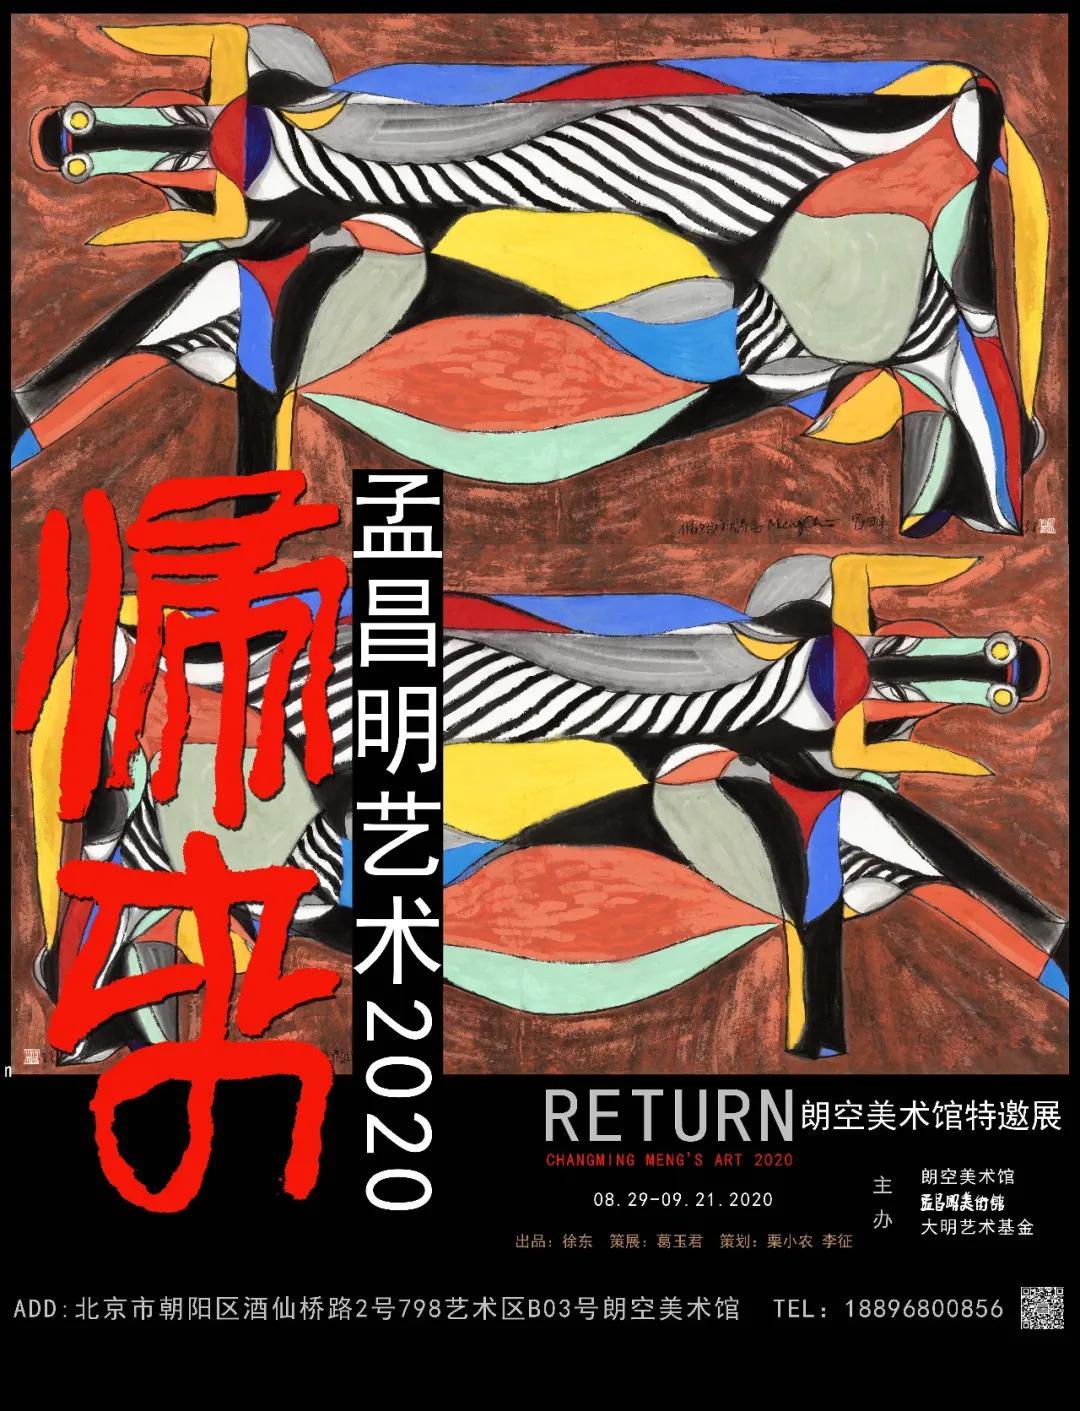 展览推荐 | 归来——孟昌明艺术2020个人艺术大展